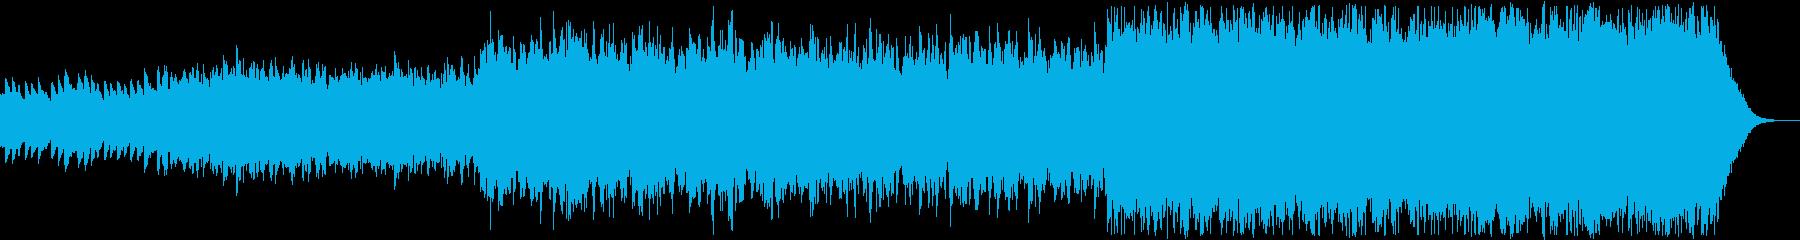 ハープとストリングスの幻想的で静かな曲の再生済みの波形